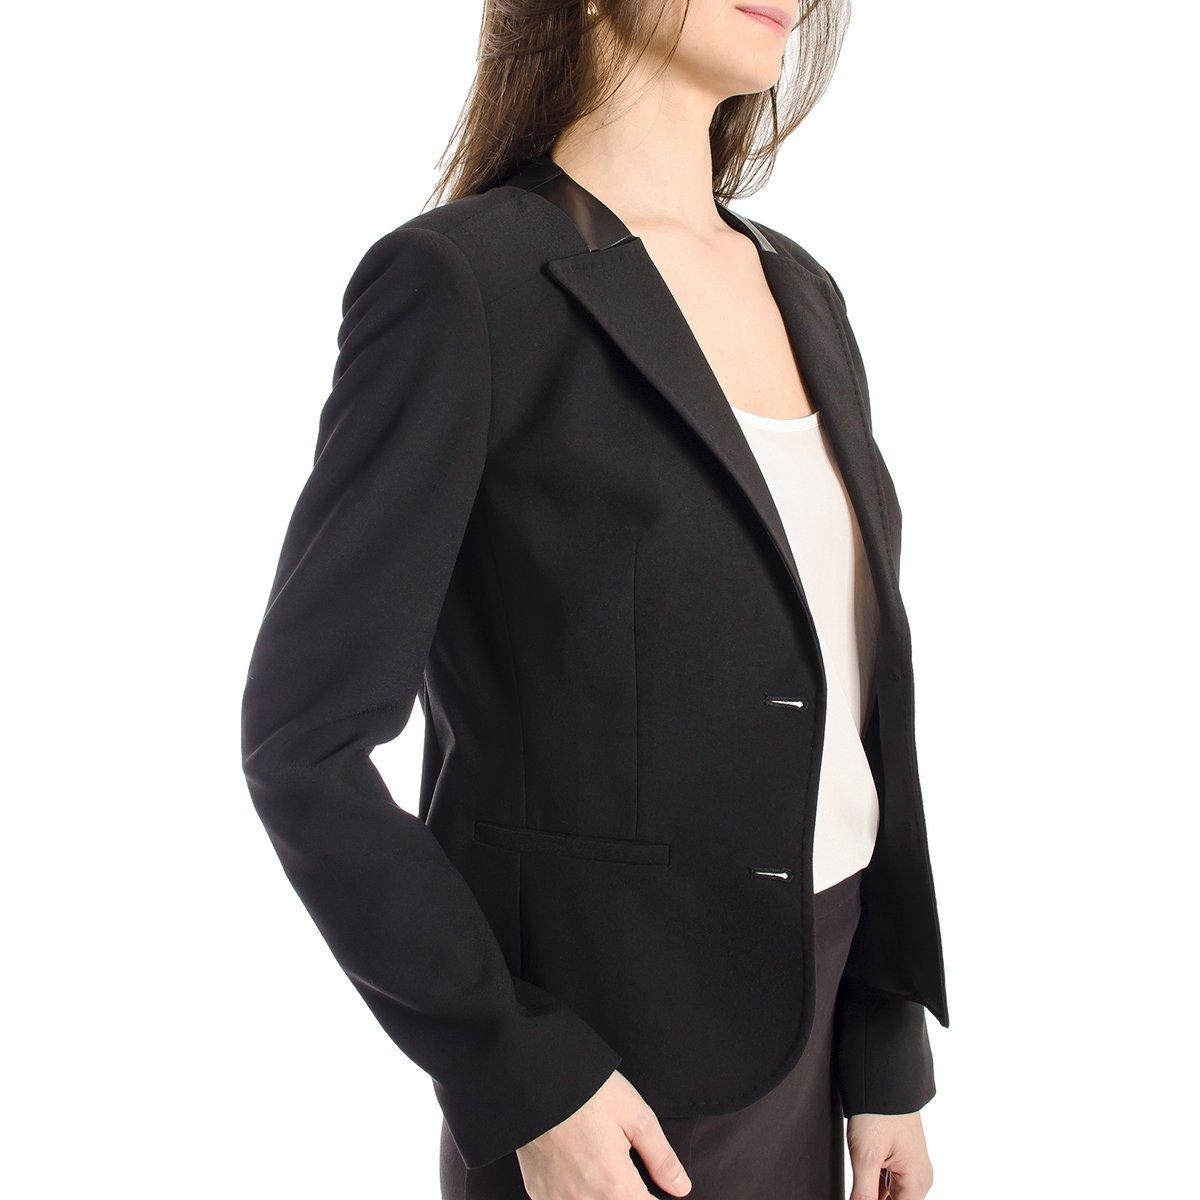 Blazer Social Calvin Klein Feminino - Preto - Compre Agora   Zattini 99fe6e06d6